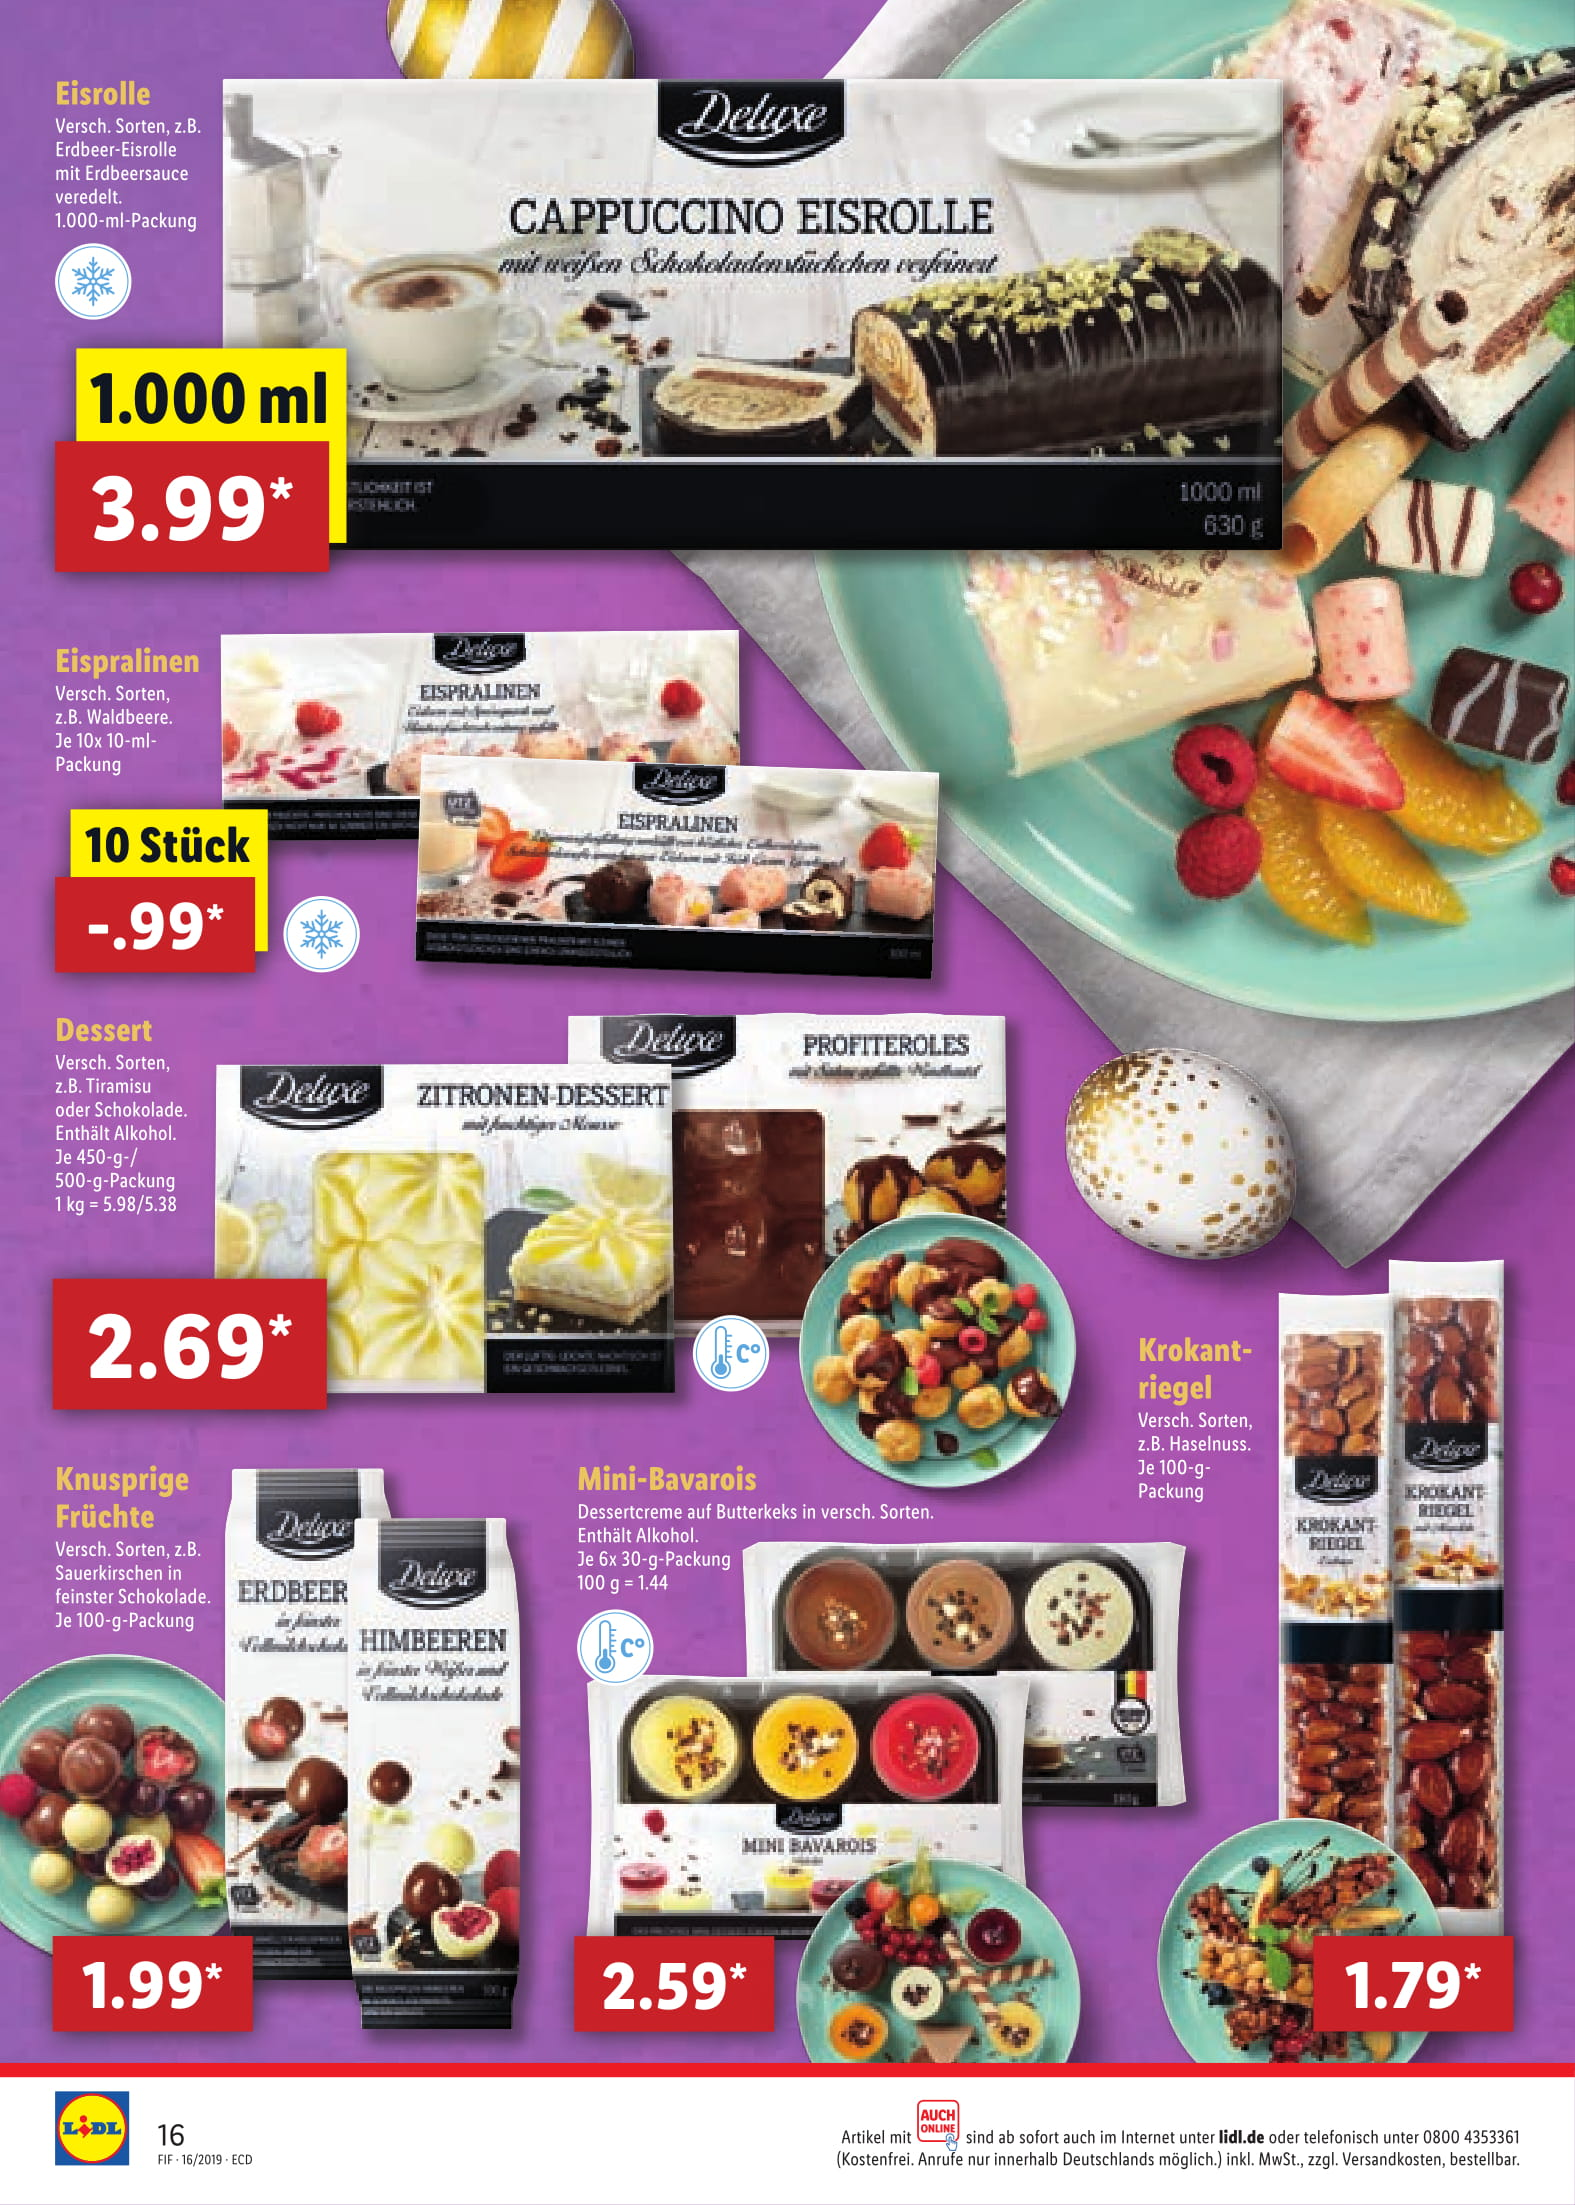 Wochenprospekt-Unsere-Angebote-der-Woche-02-16